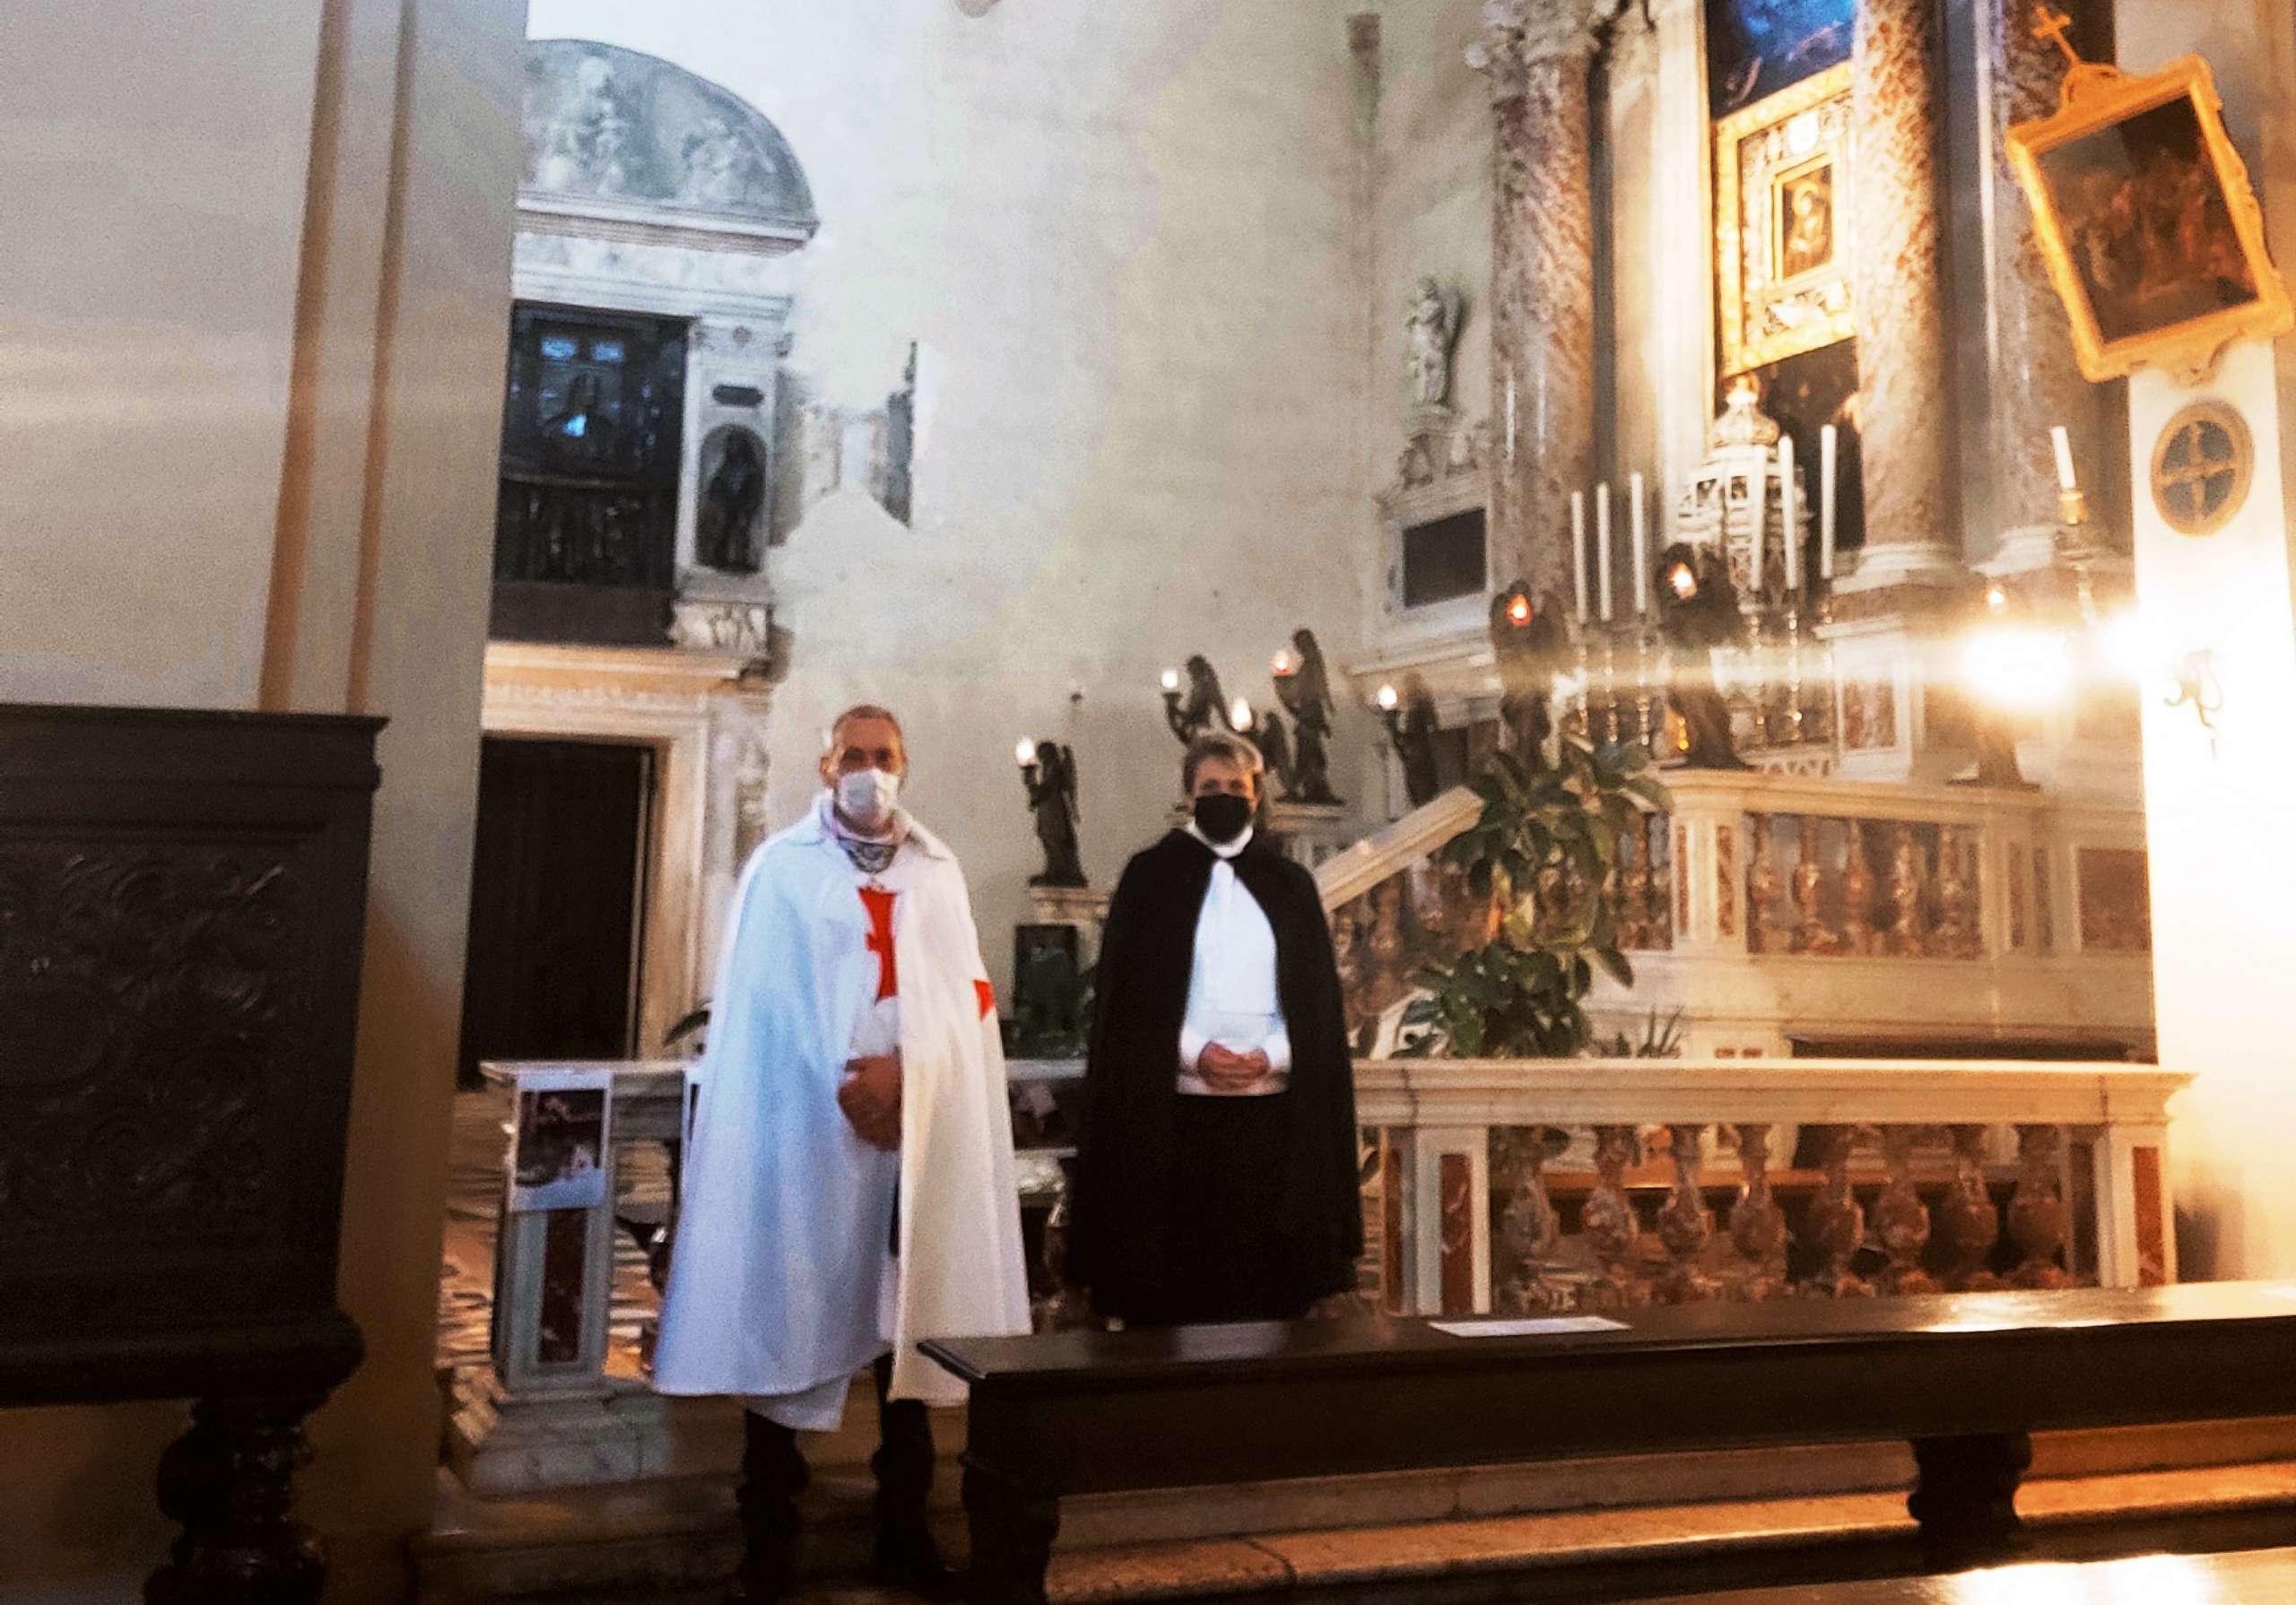 Turno di custodia Chiesa di San Francesco Grande a Padova 02.05.2021